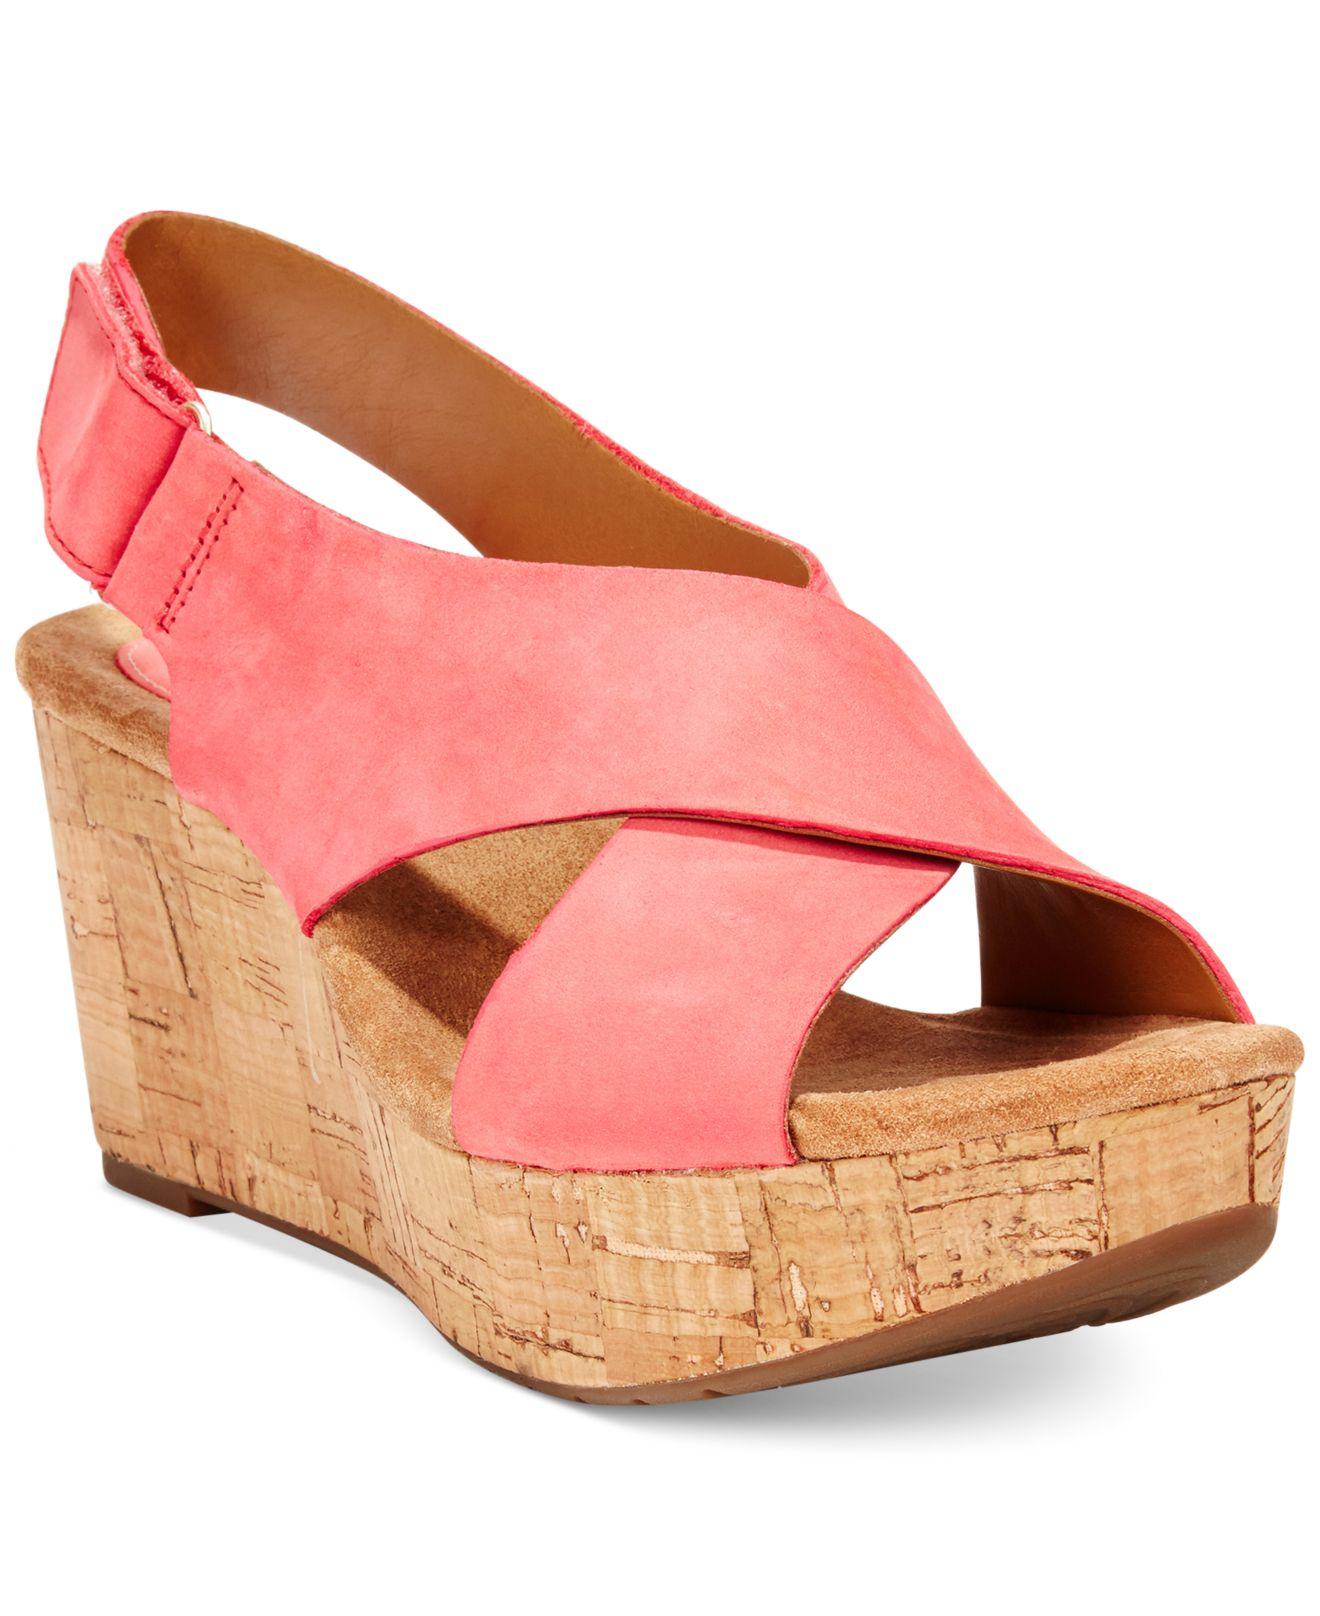 Clarks White Artisan Women's Caslynn Shae Platform Wedge Sandals